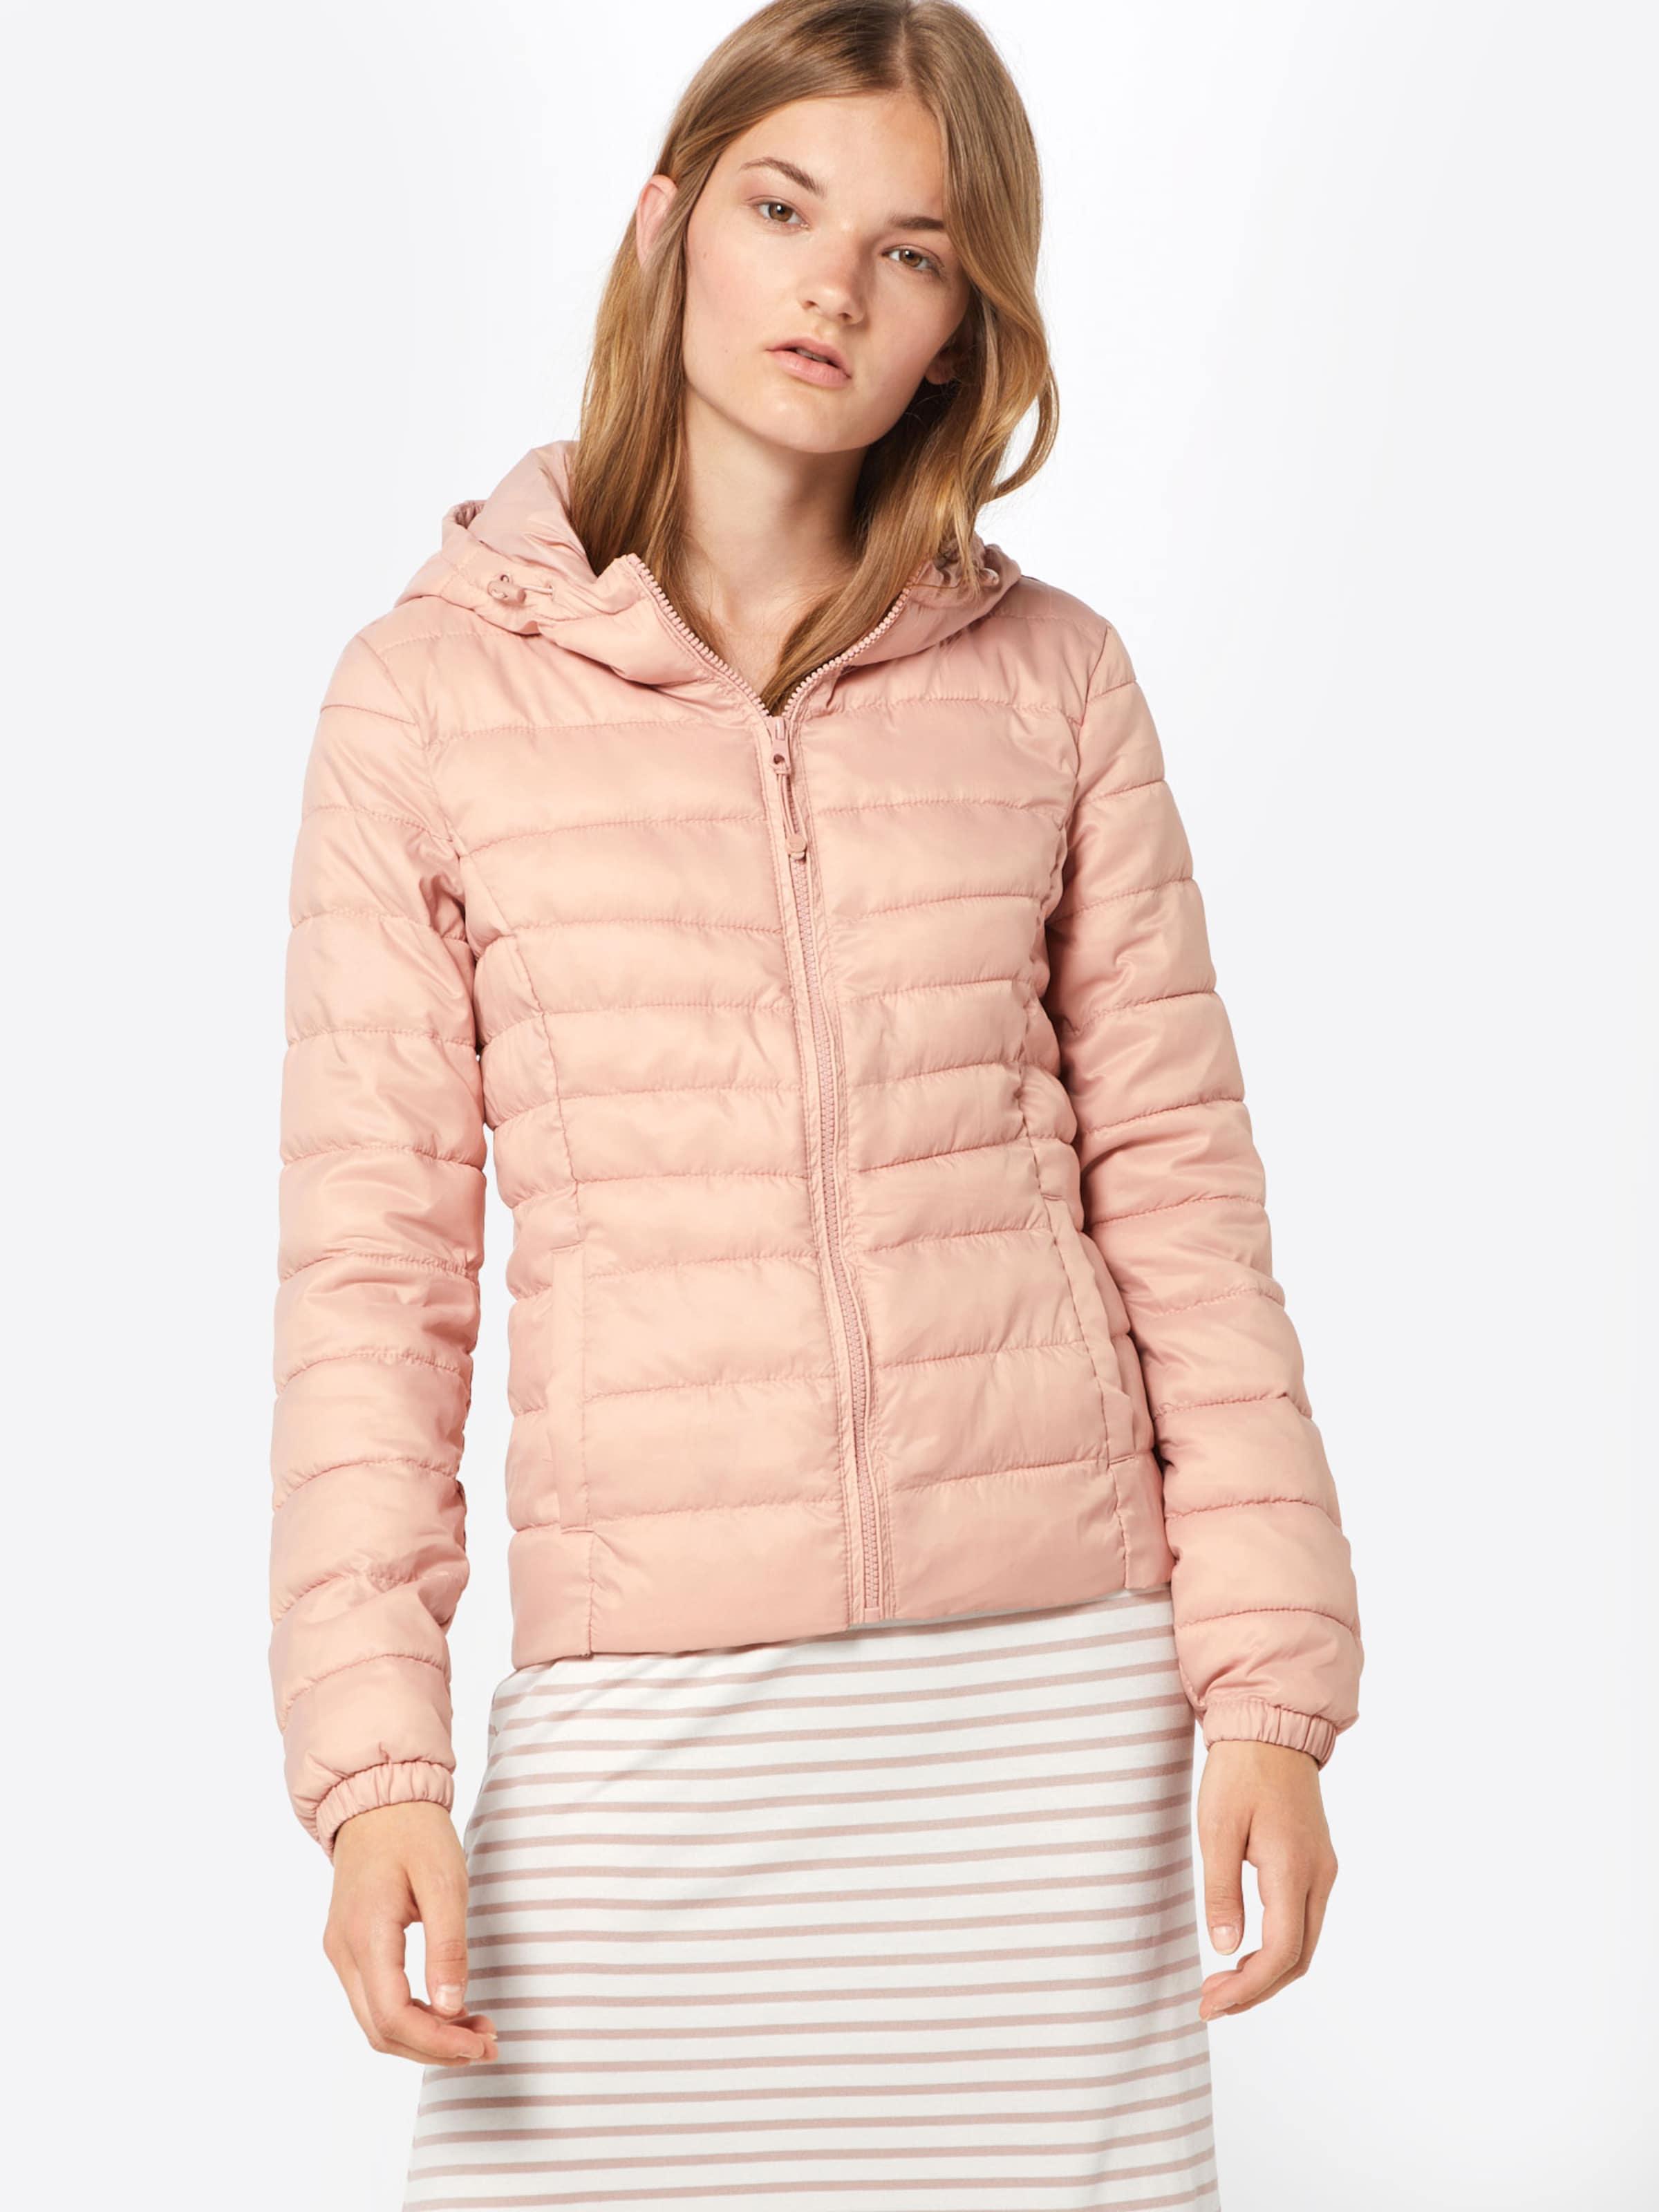 ONLY Jacke Jacke Jacke in Rosa  Markenkleidung für Männer und Frauen 6a1ea6